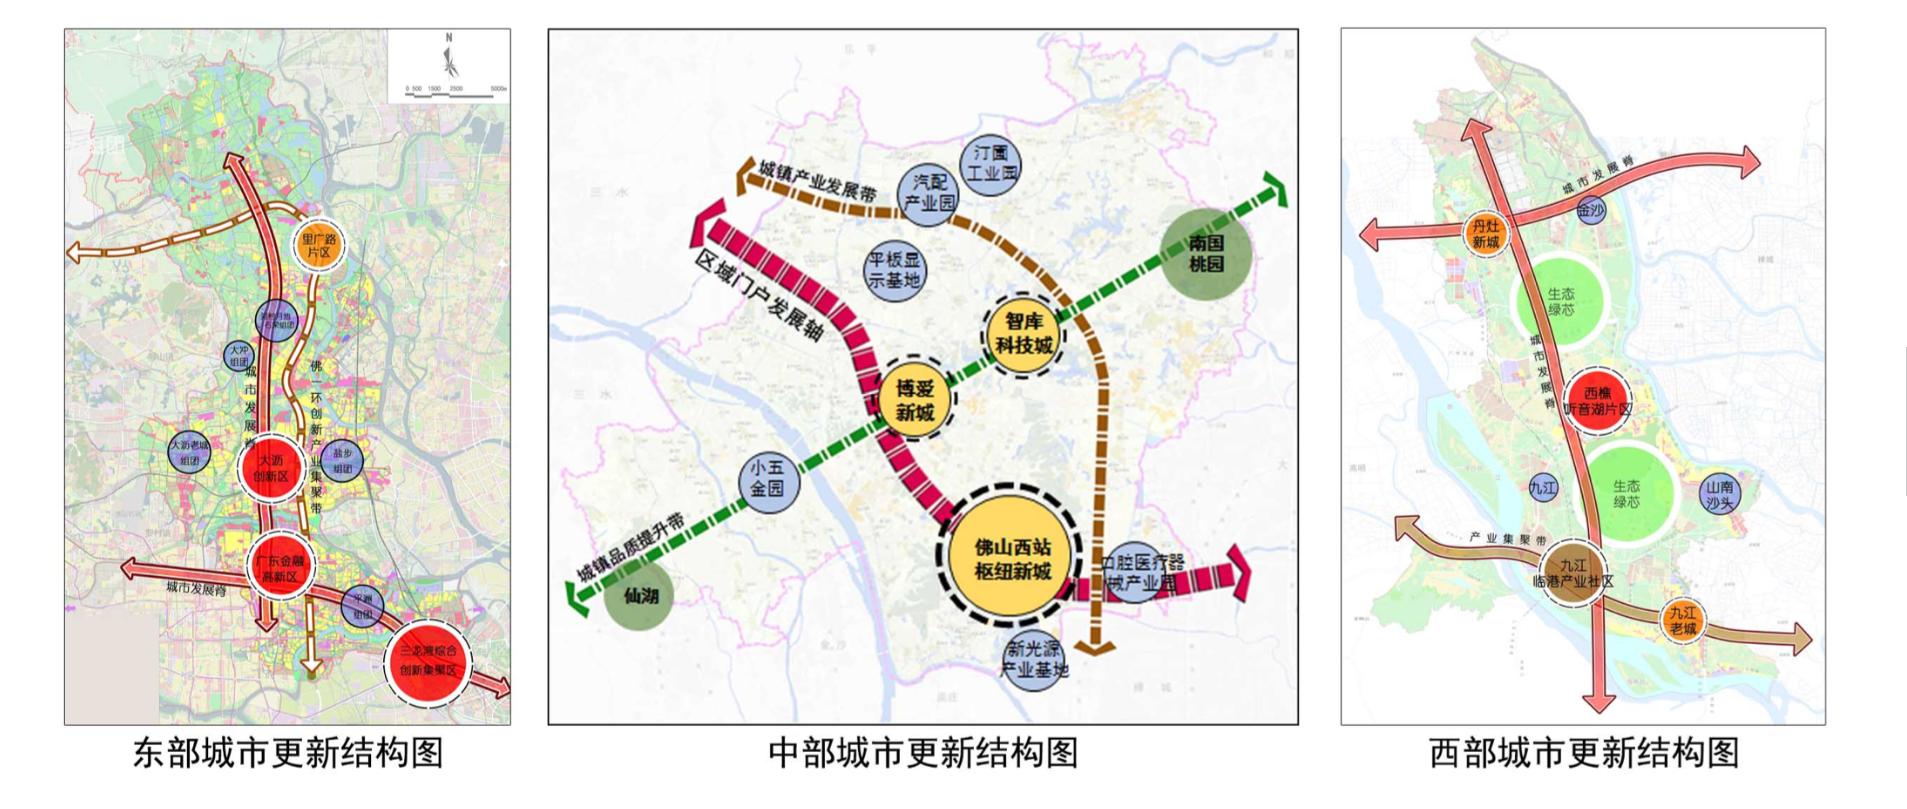 南海东中西部城市更新结构规划图。图源:南海区政府官网